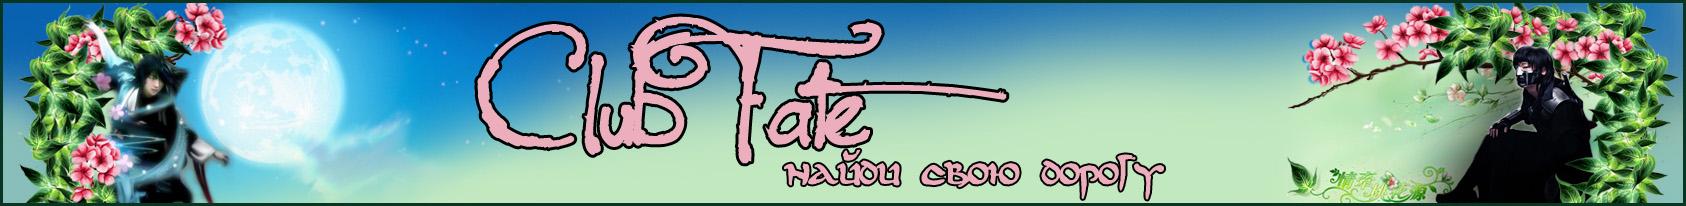 ClubFATE: шоу-бизнес Азии, любимые дорамы, фильмы и аниме